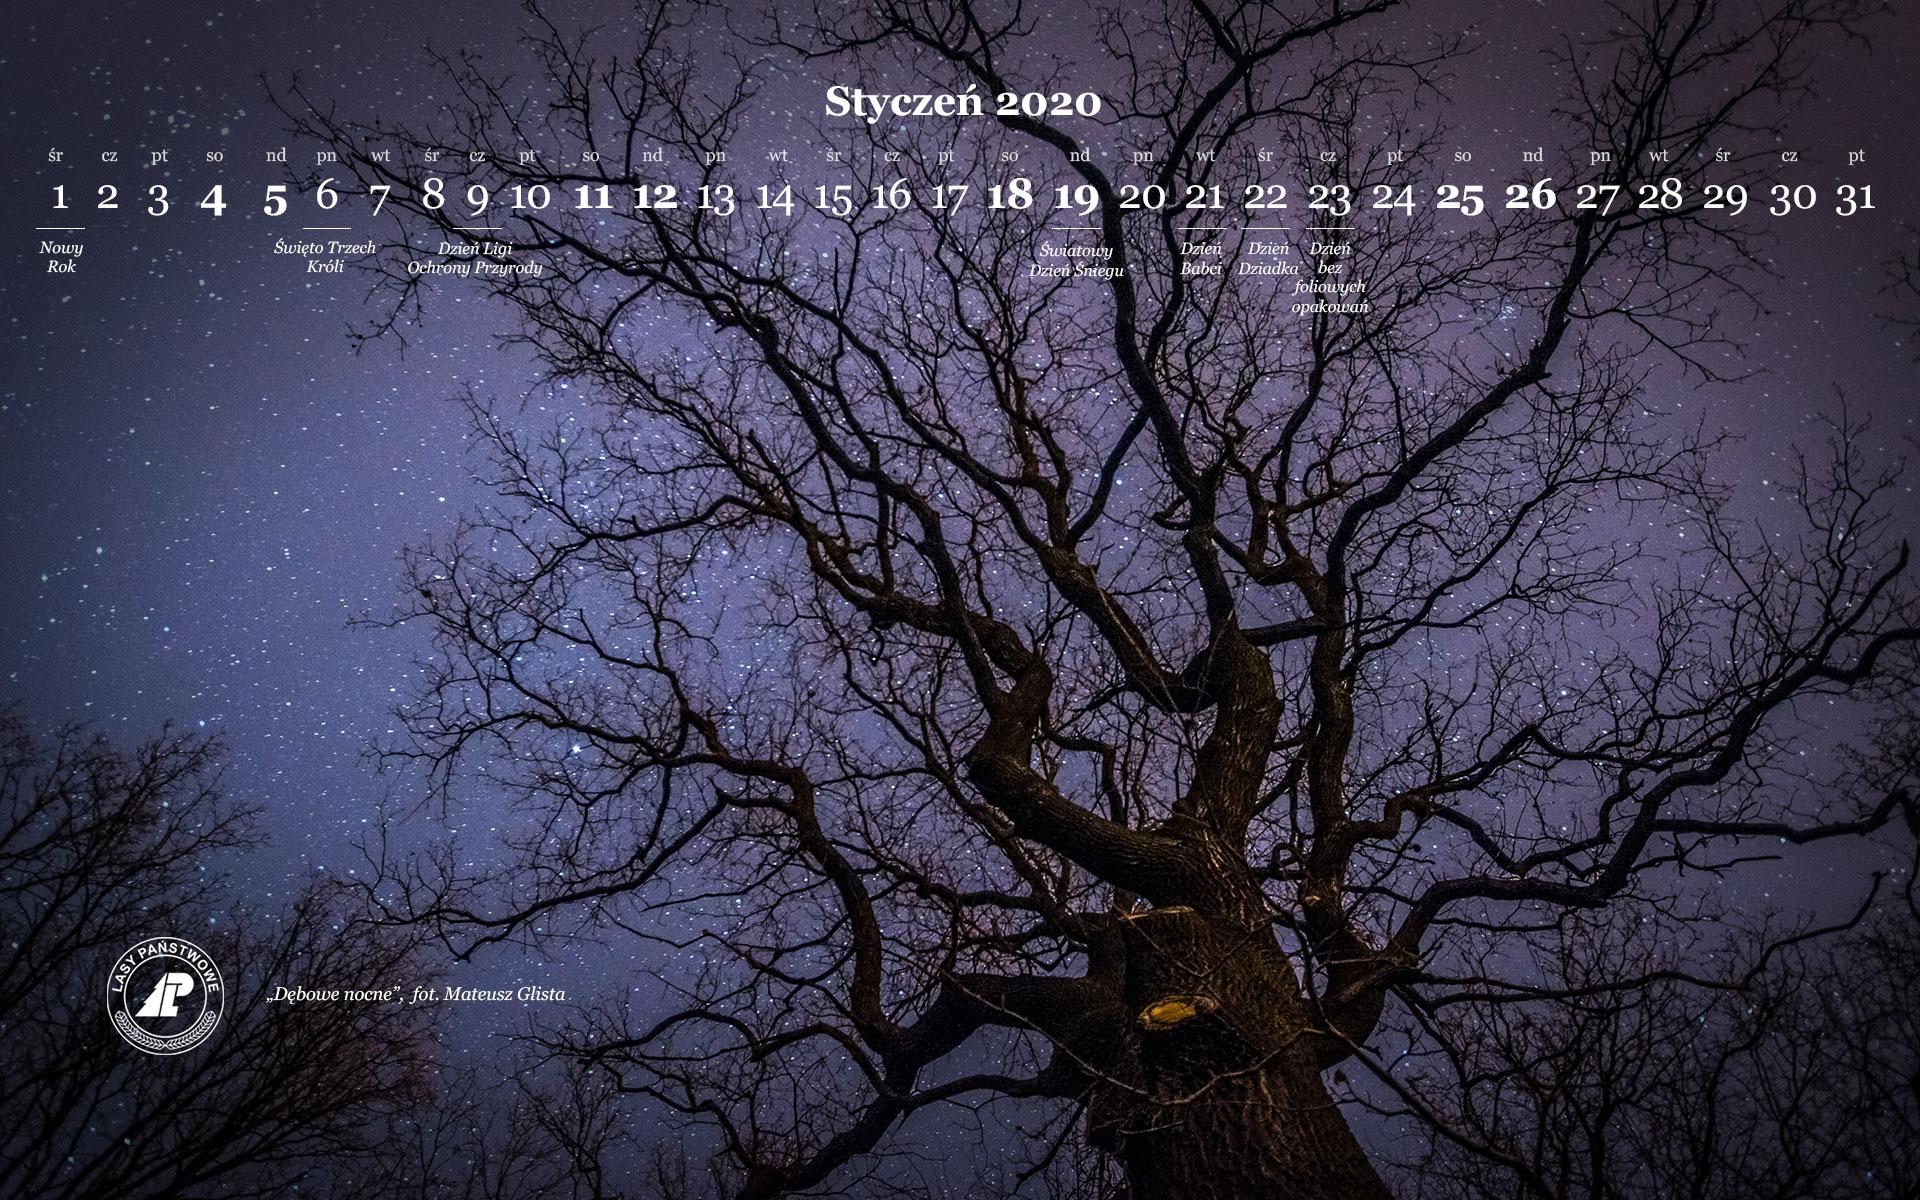 kalendarz_styczen_2020_1920x1200.jpg